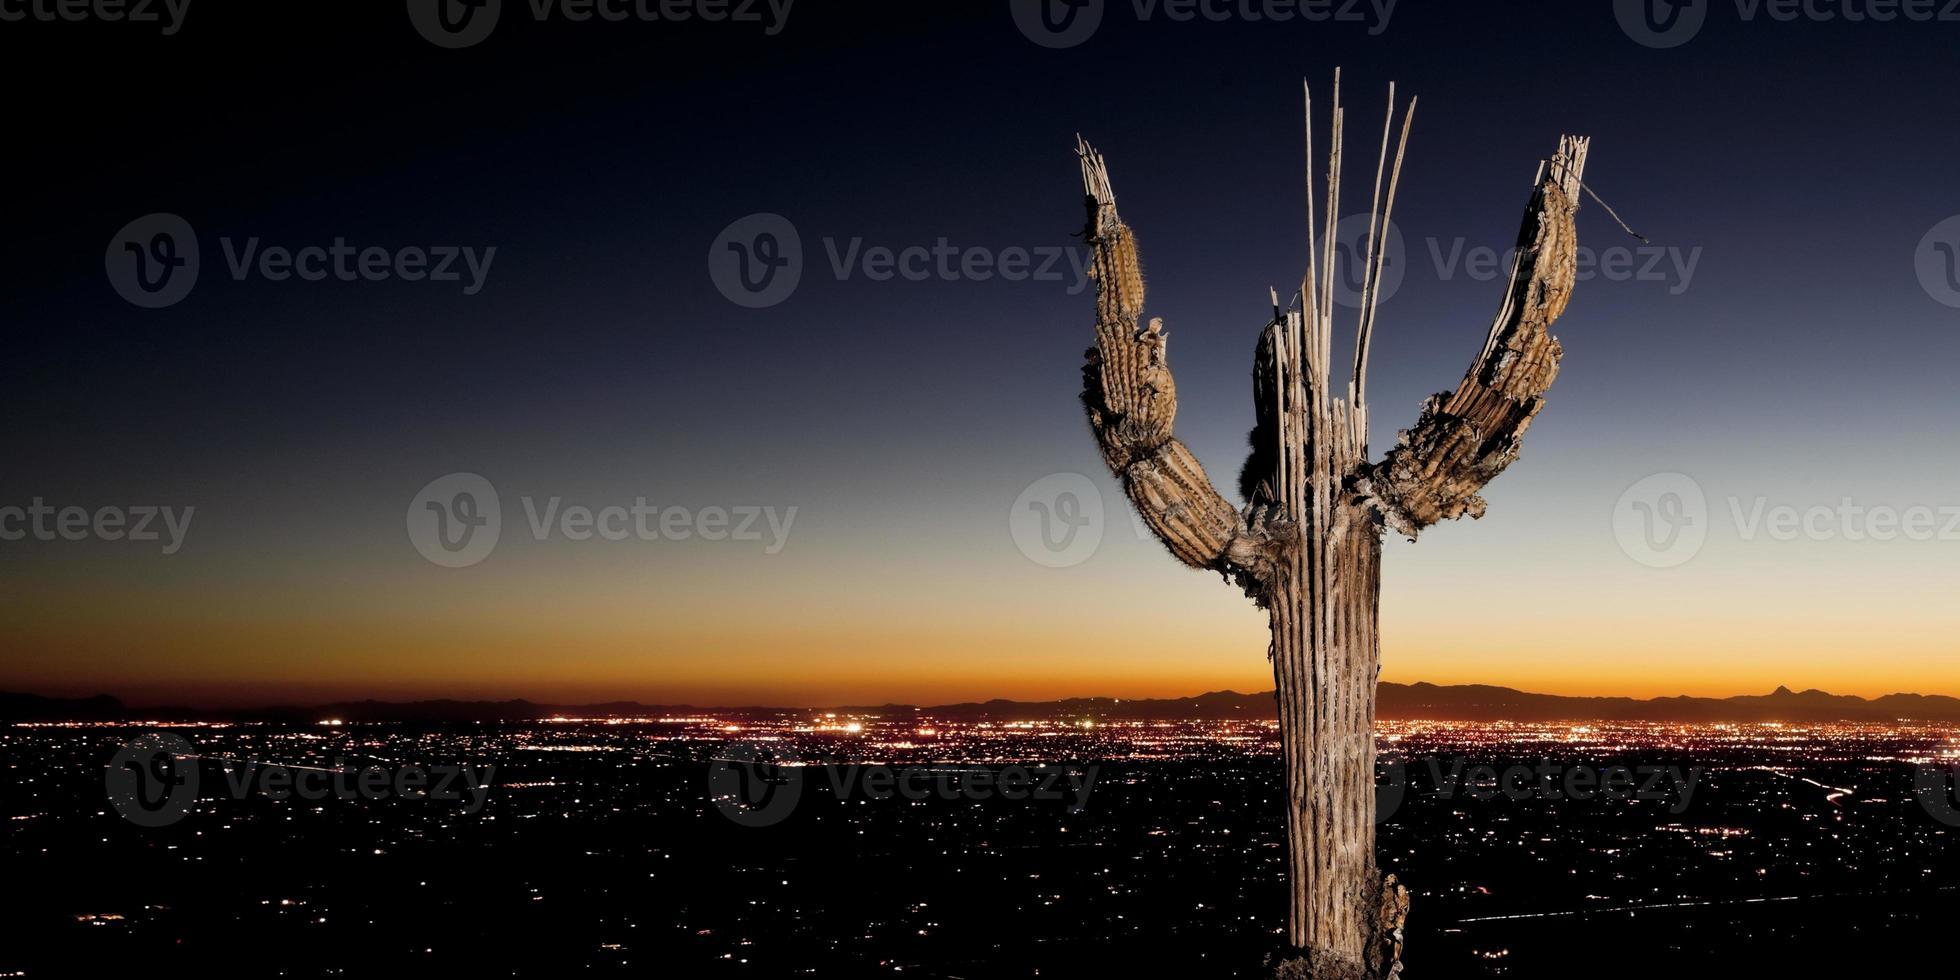 ossos de saguaro e luzes da cidade de tucson foto